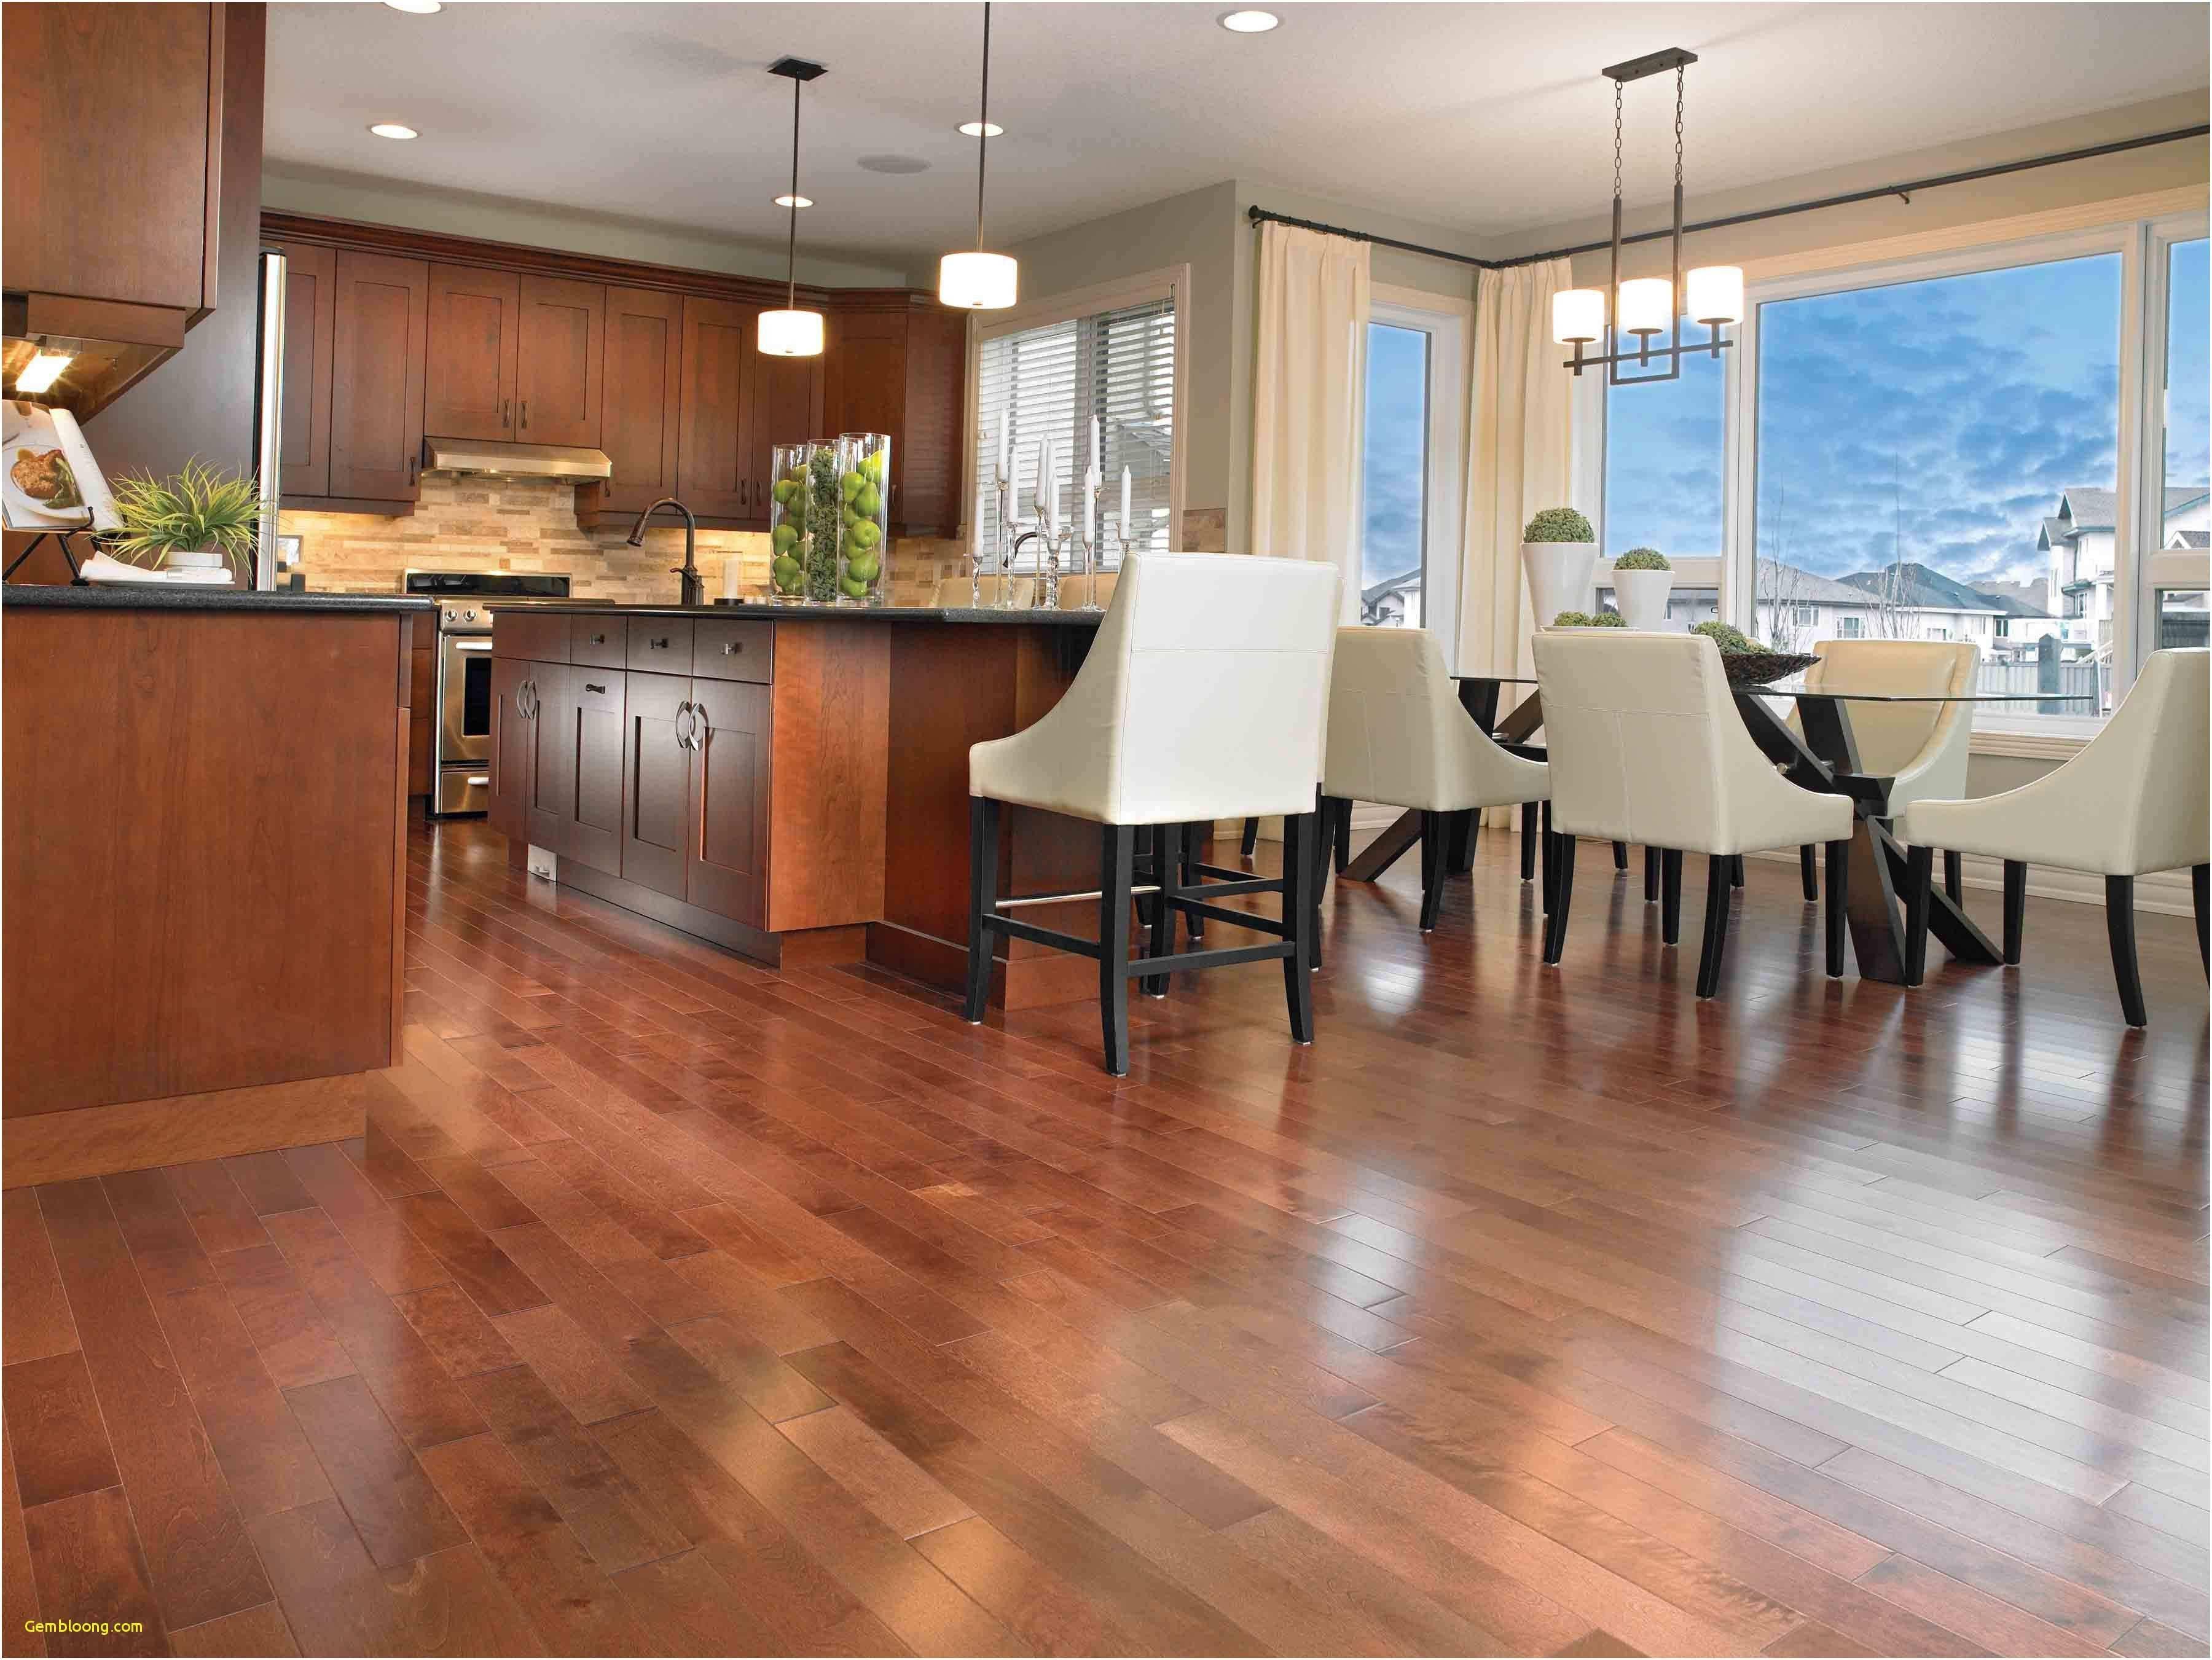 hardwood tile flooring of wood for floors facesinnature for furniture wood floors flooring nj furniture design hard wood flooring new 0d grace place